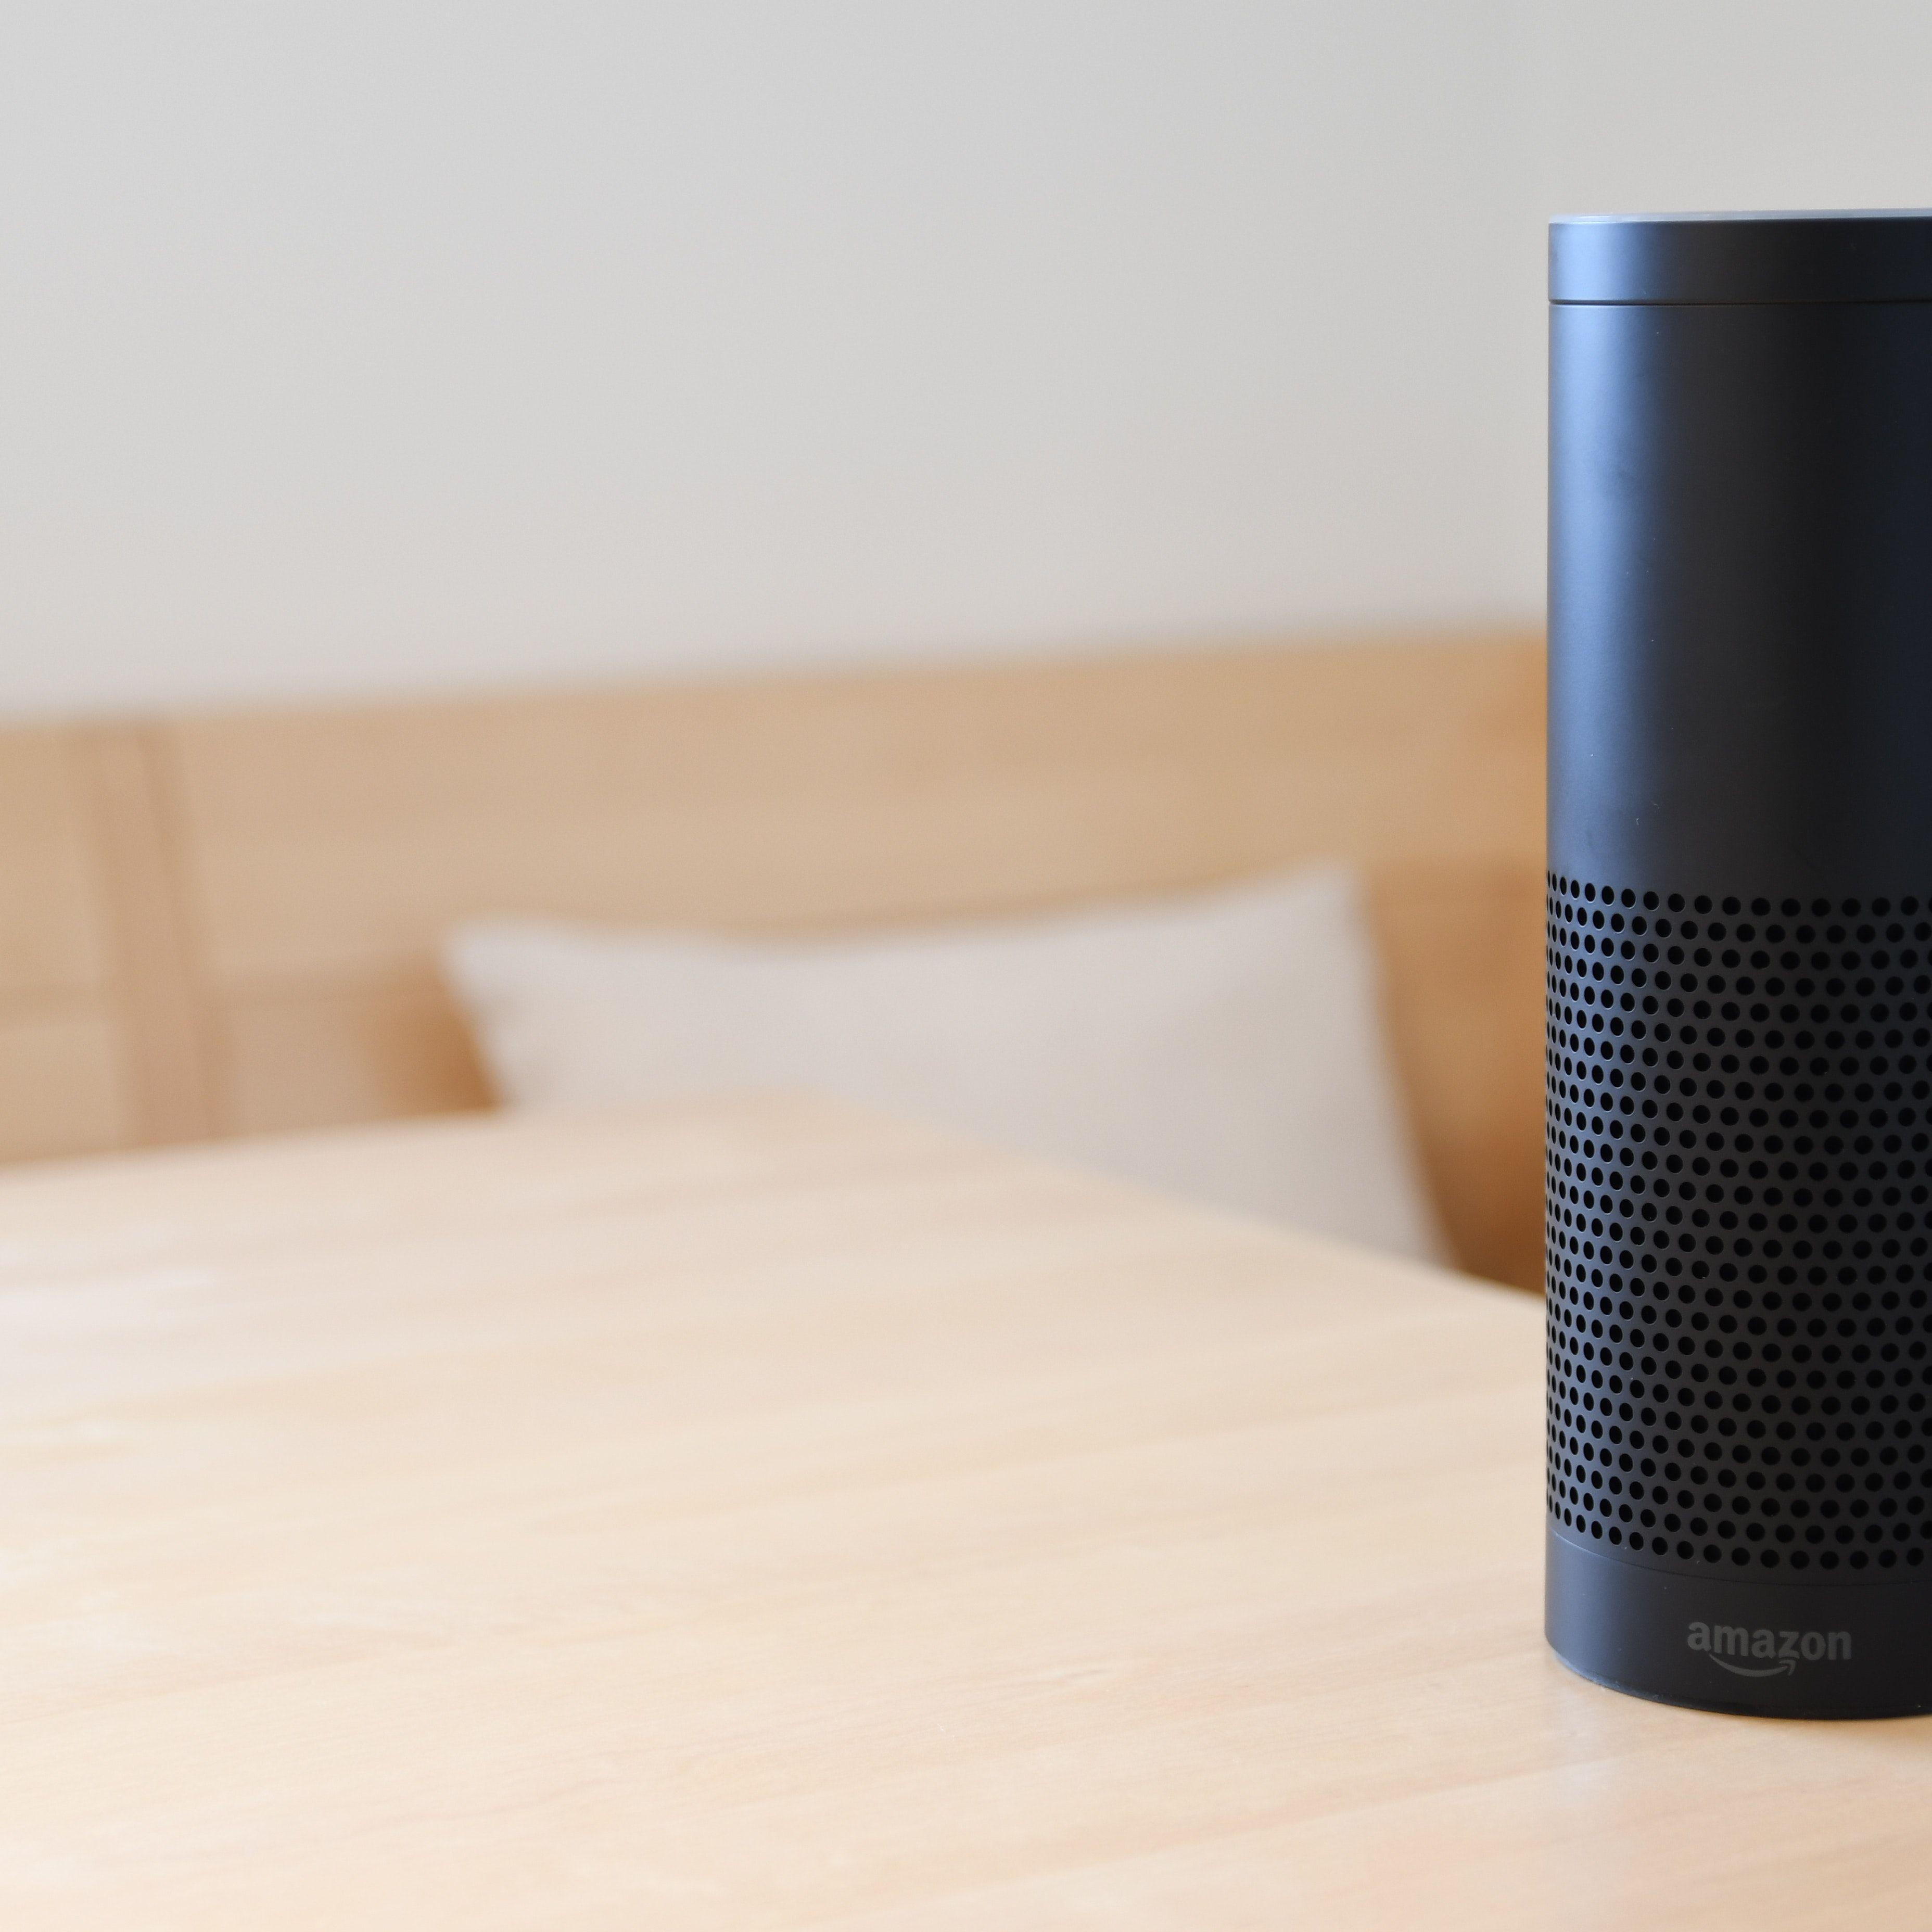 How to Fix Common Alexa/Amazon Echo Issues